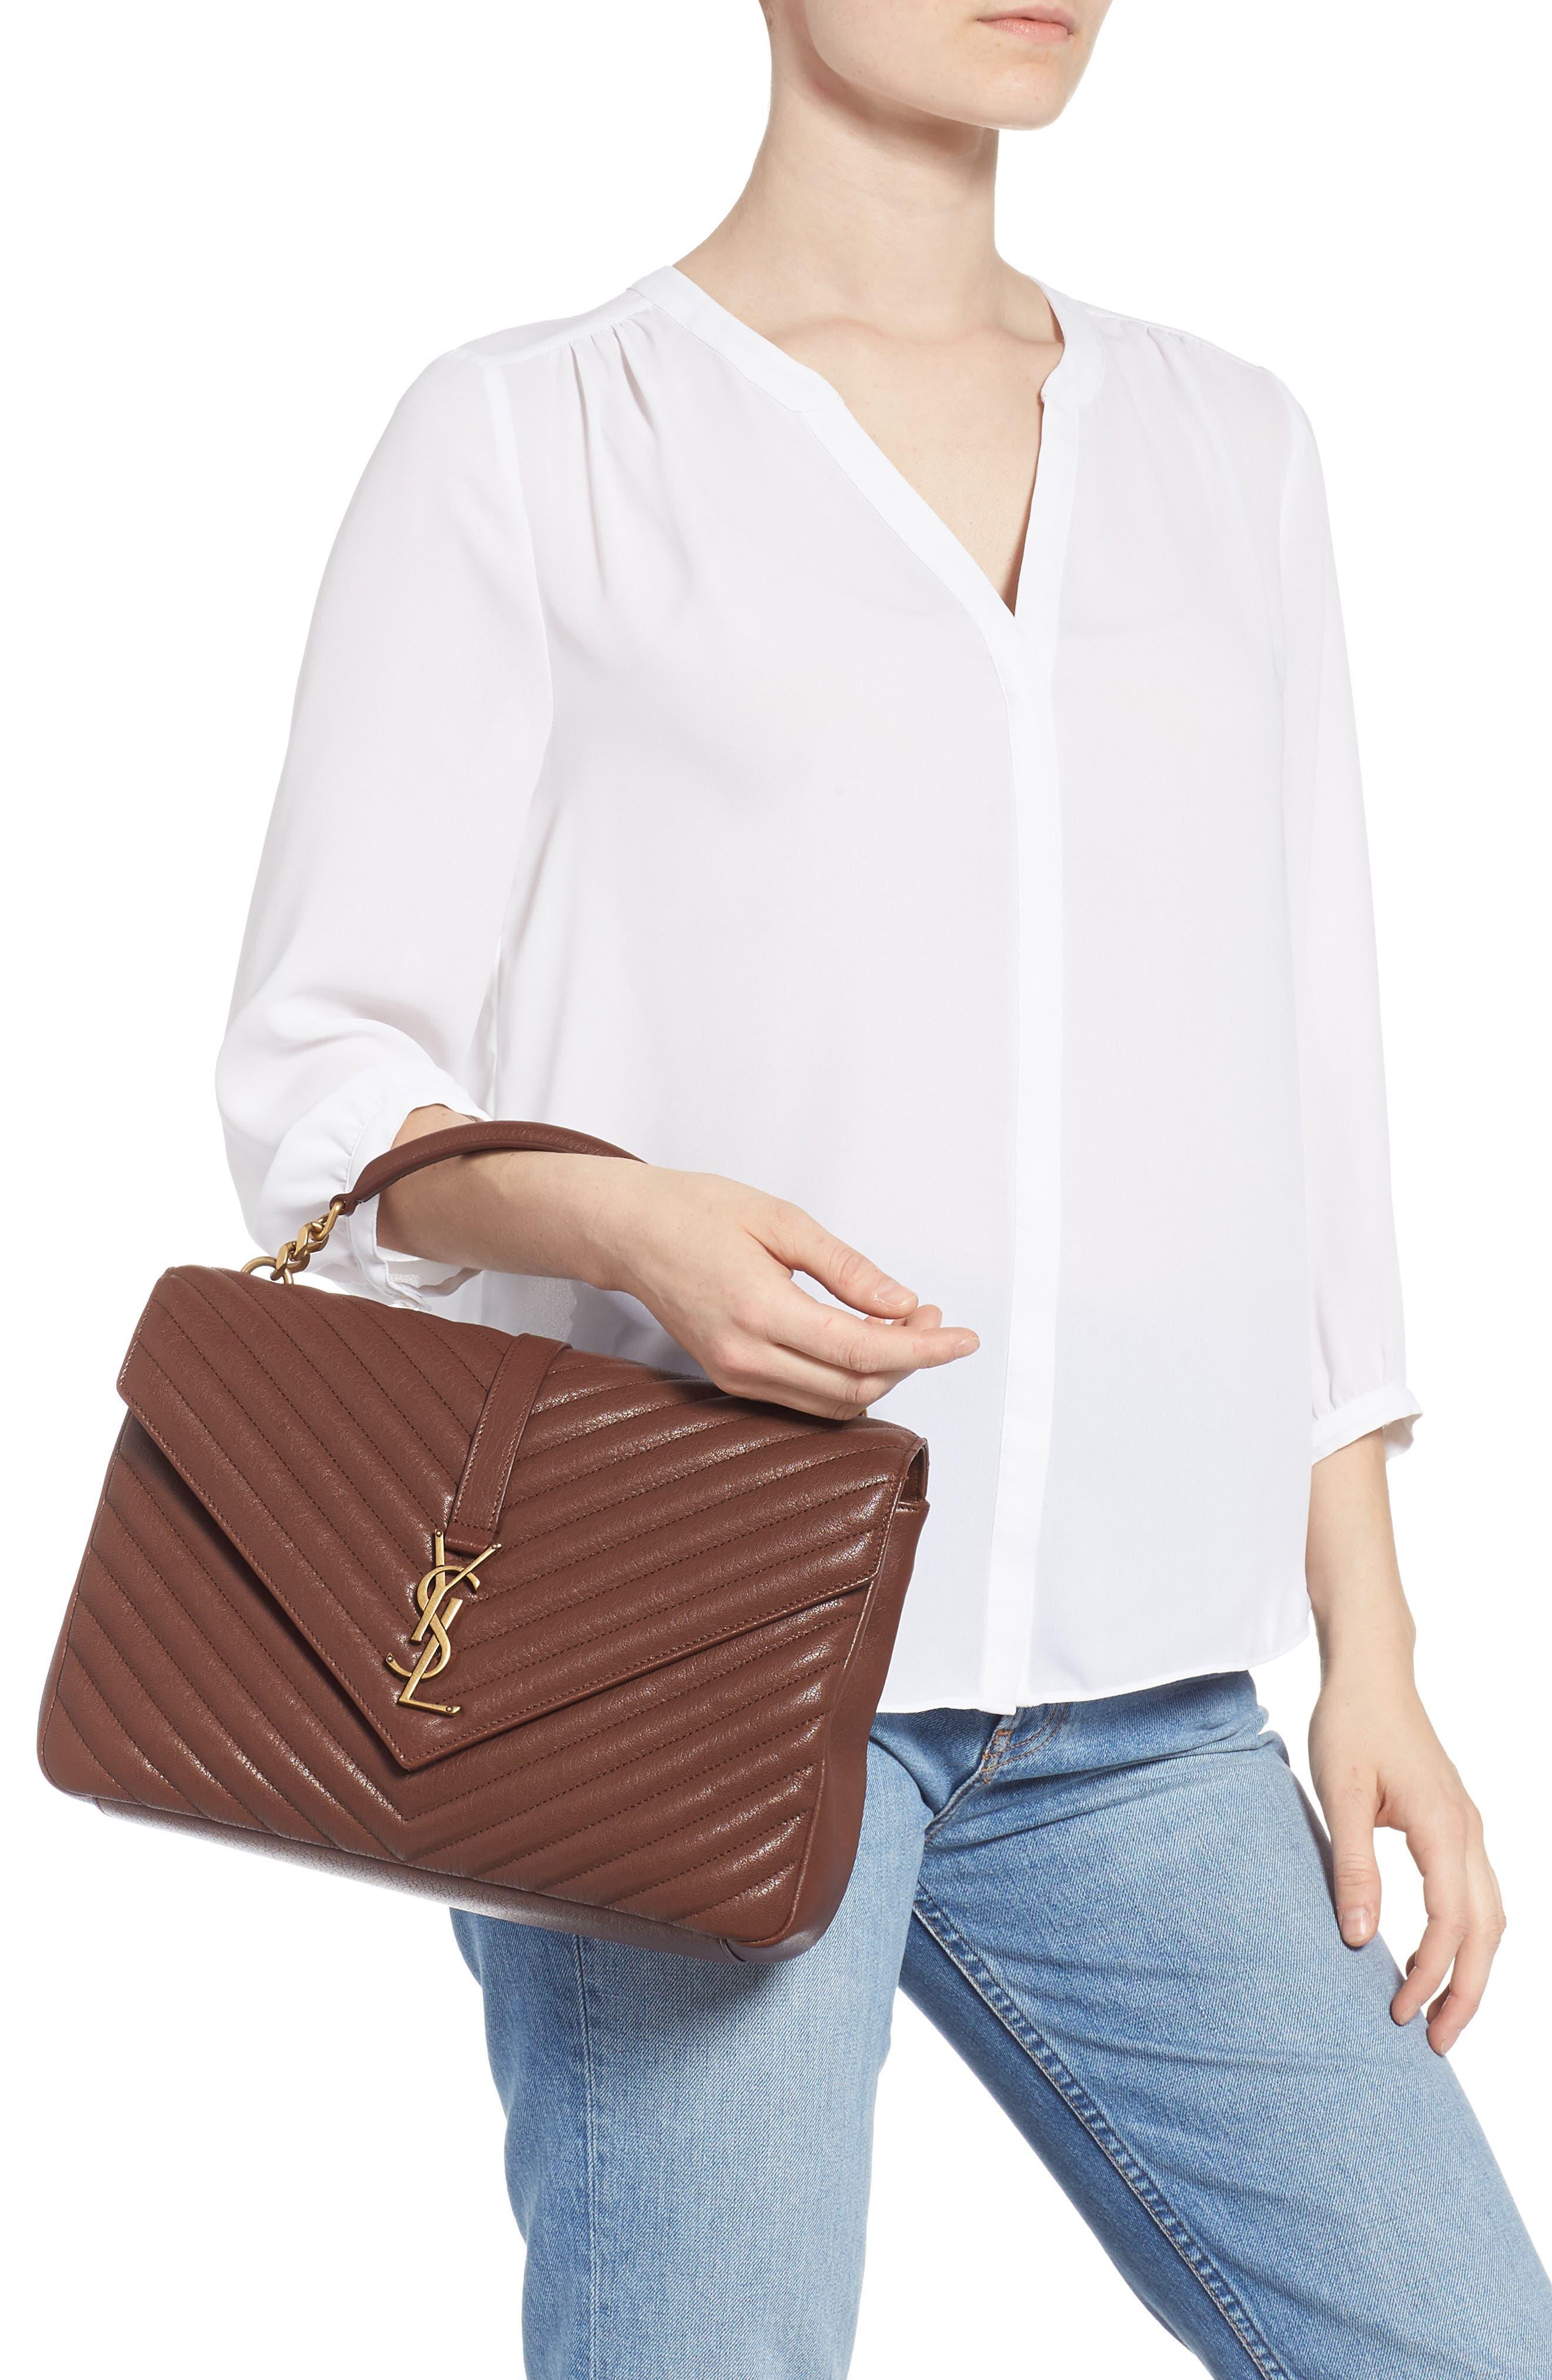 Medium College Shoulder Bag,                             Alternate thumbnail 2, color,                             BRANDY OLD